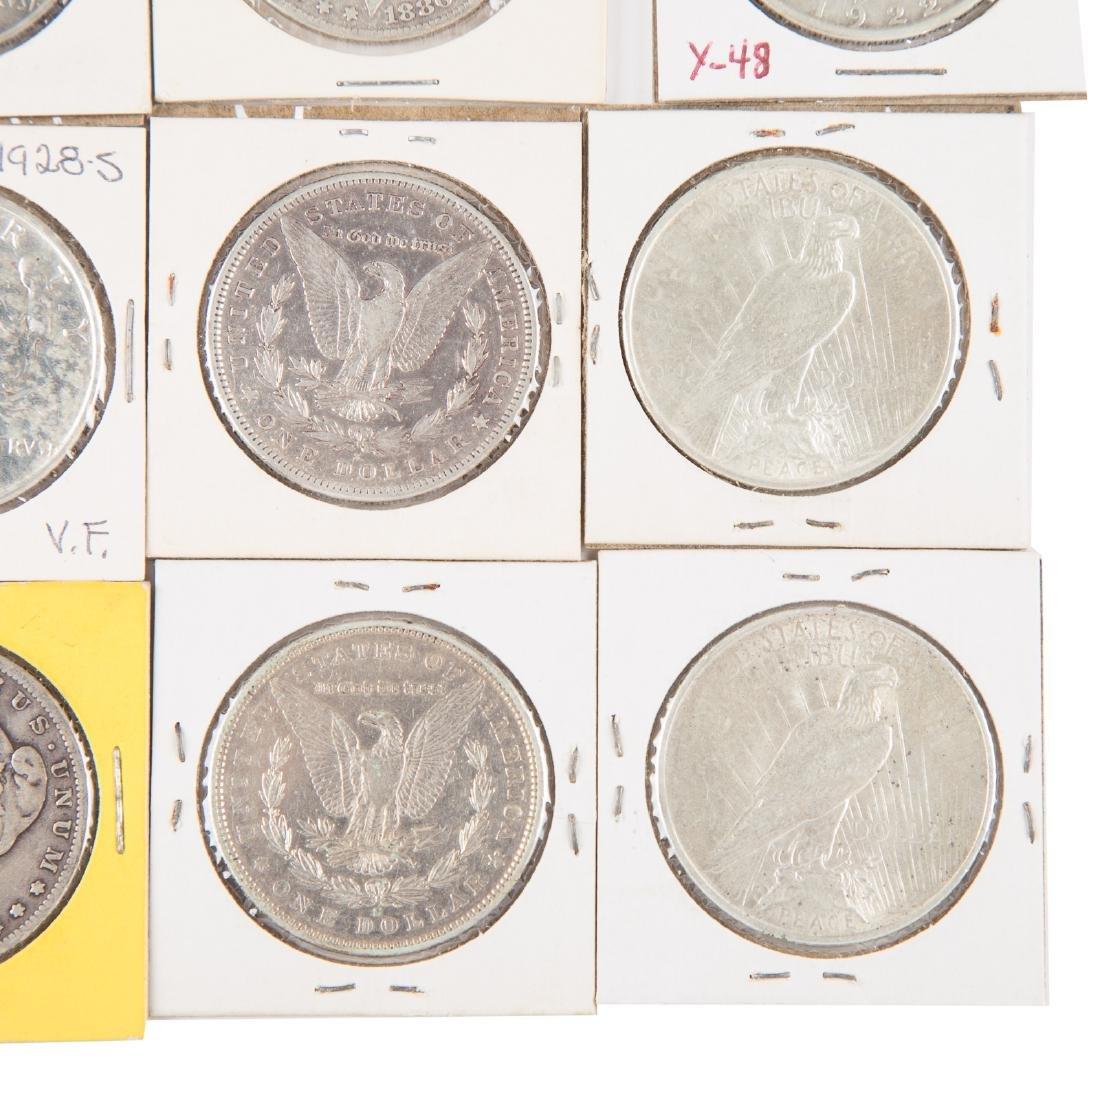 [US] 33 Morgan and Peace Silver Dollars - 3